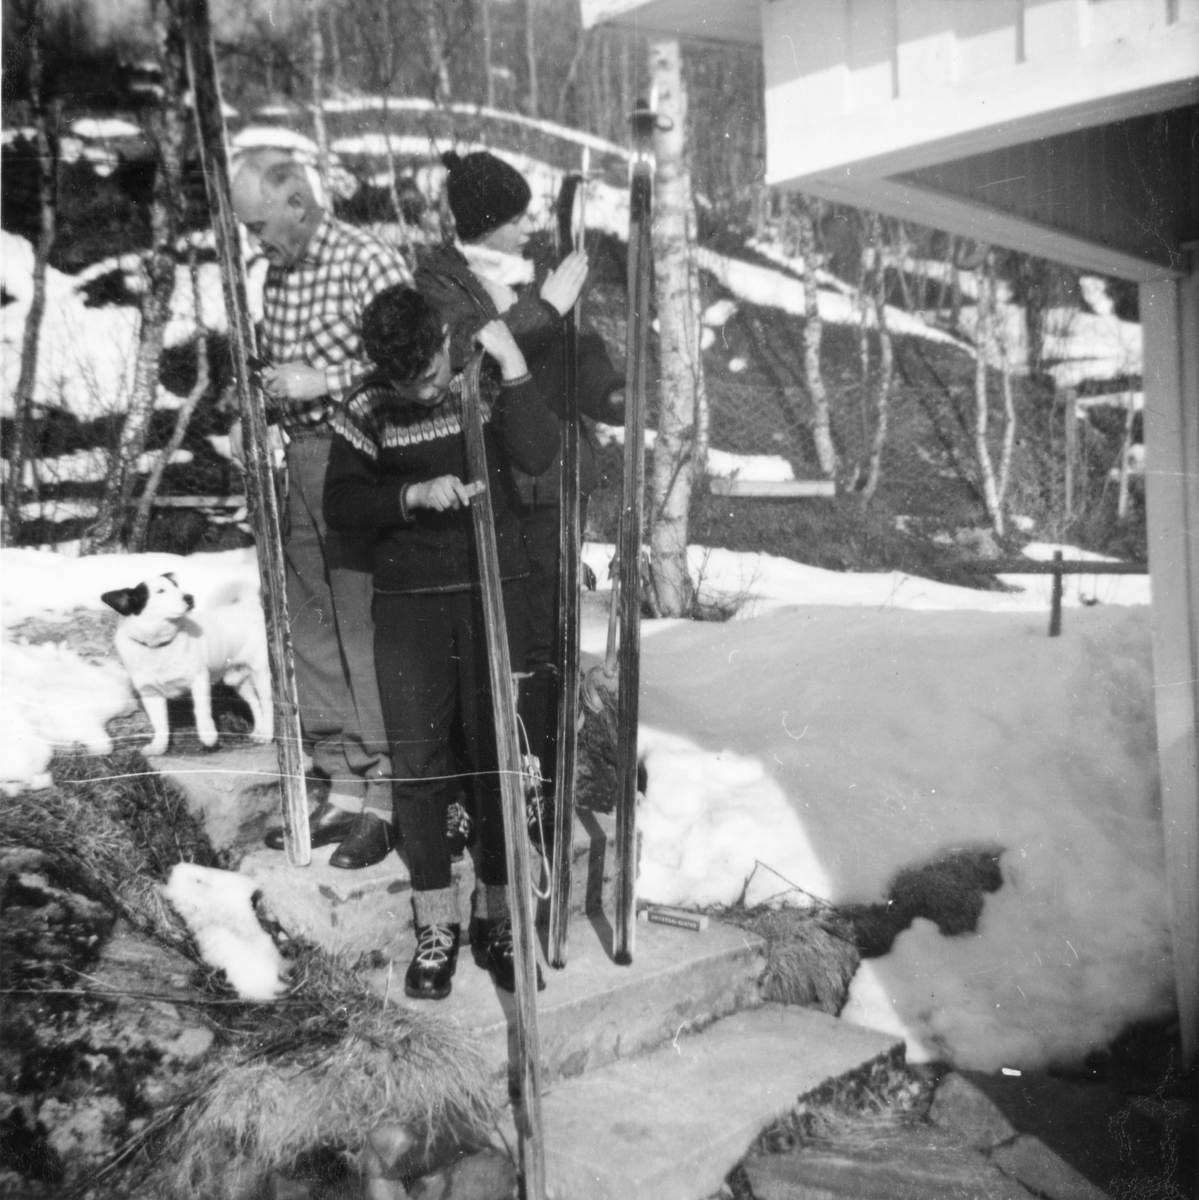 Tre karer smører ski. Hund til venstre.